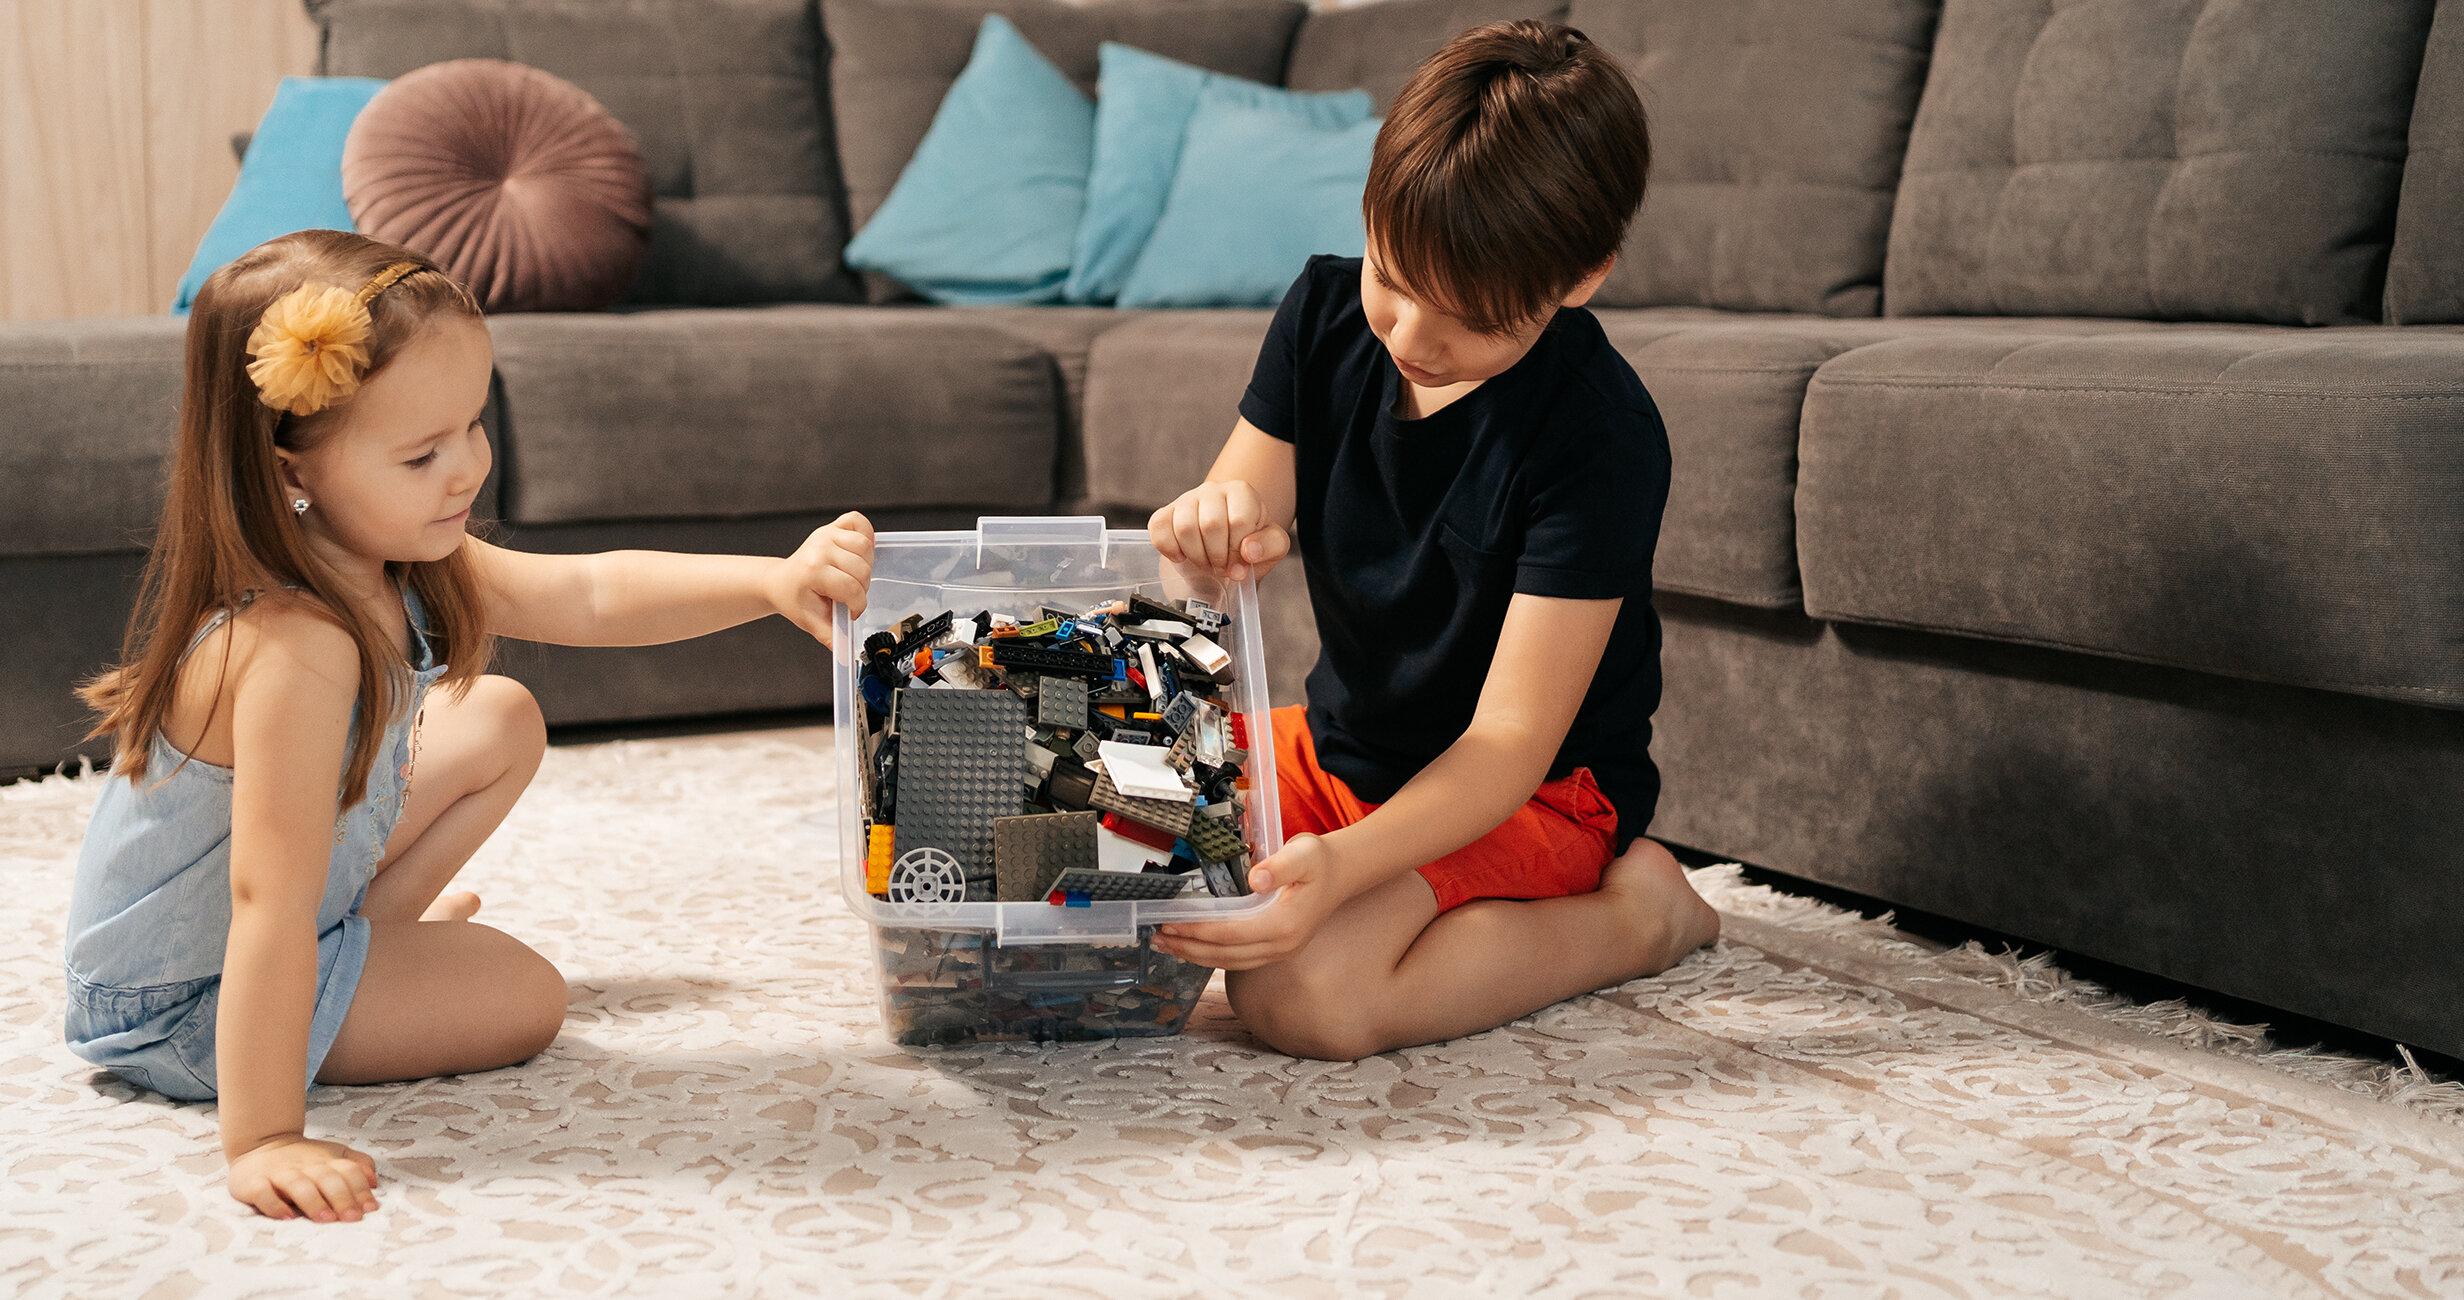 """Lego va produce doar jucării fără gen, pentru a elimina stereotipurile legate de """"activități separate pentru fete și băieți"""""""